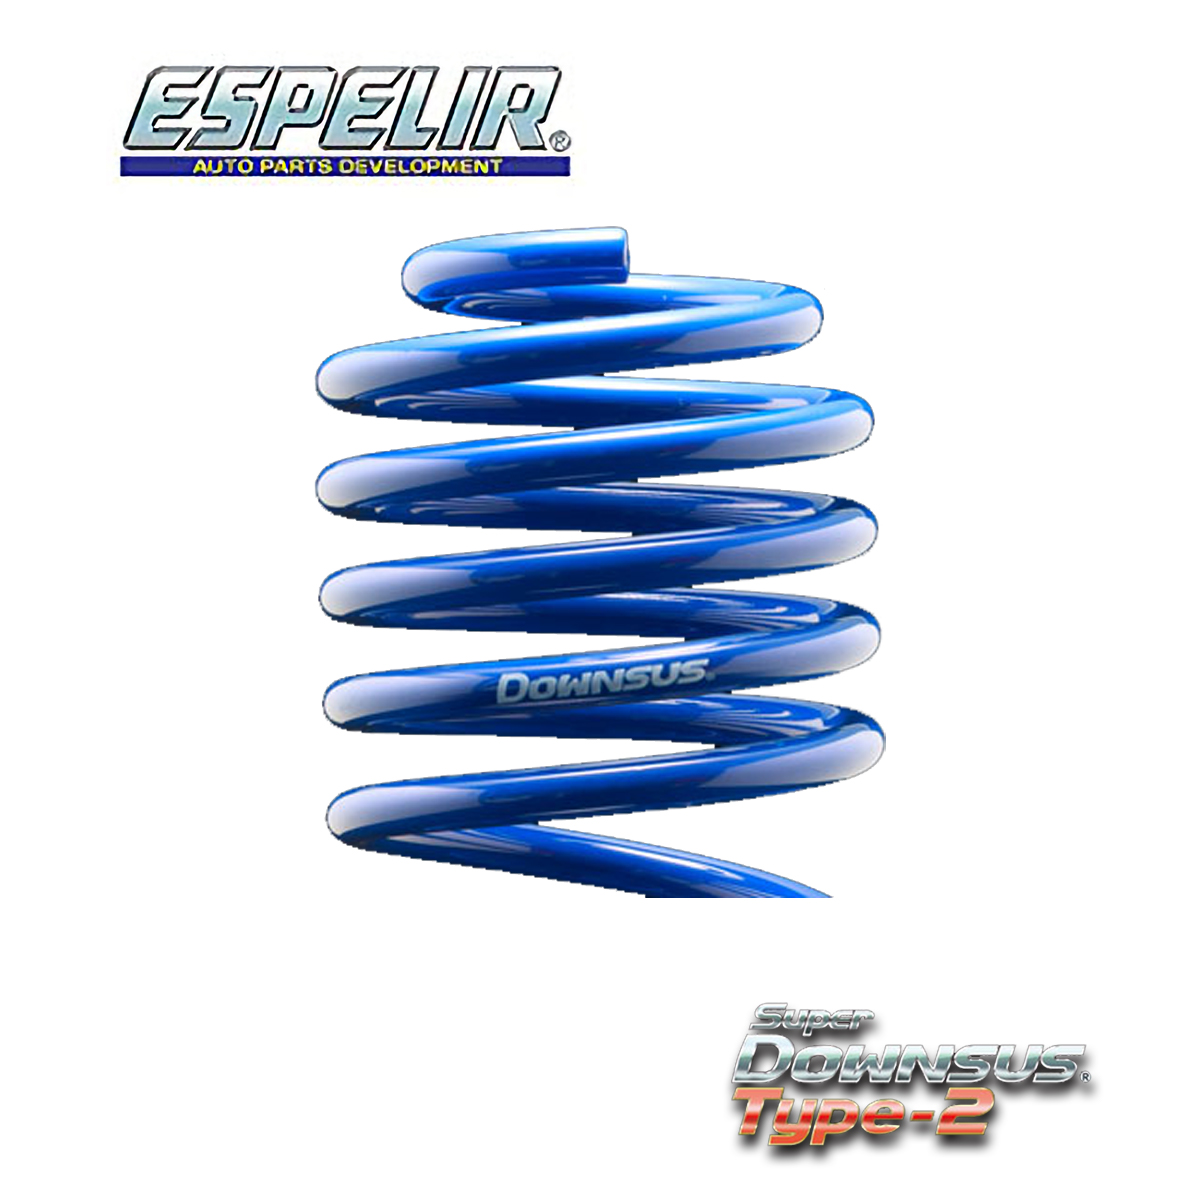 エスペリア ADエキスパート VJY12 LX/VX スプリング ダウンサス リア ESN-4335R スーパーダウンサス タイプ2 Super DOWNSUS Type2 ESPELIR